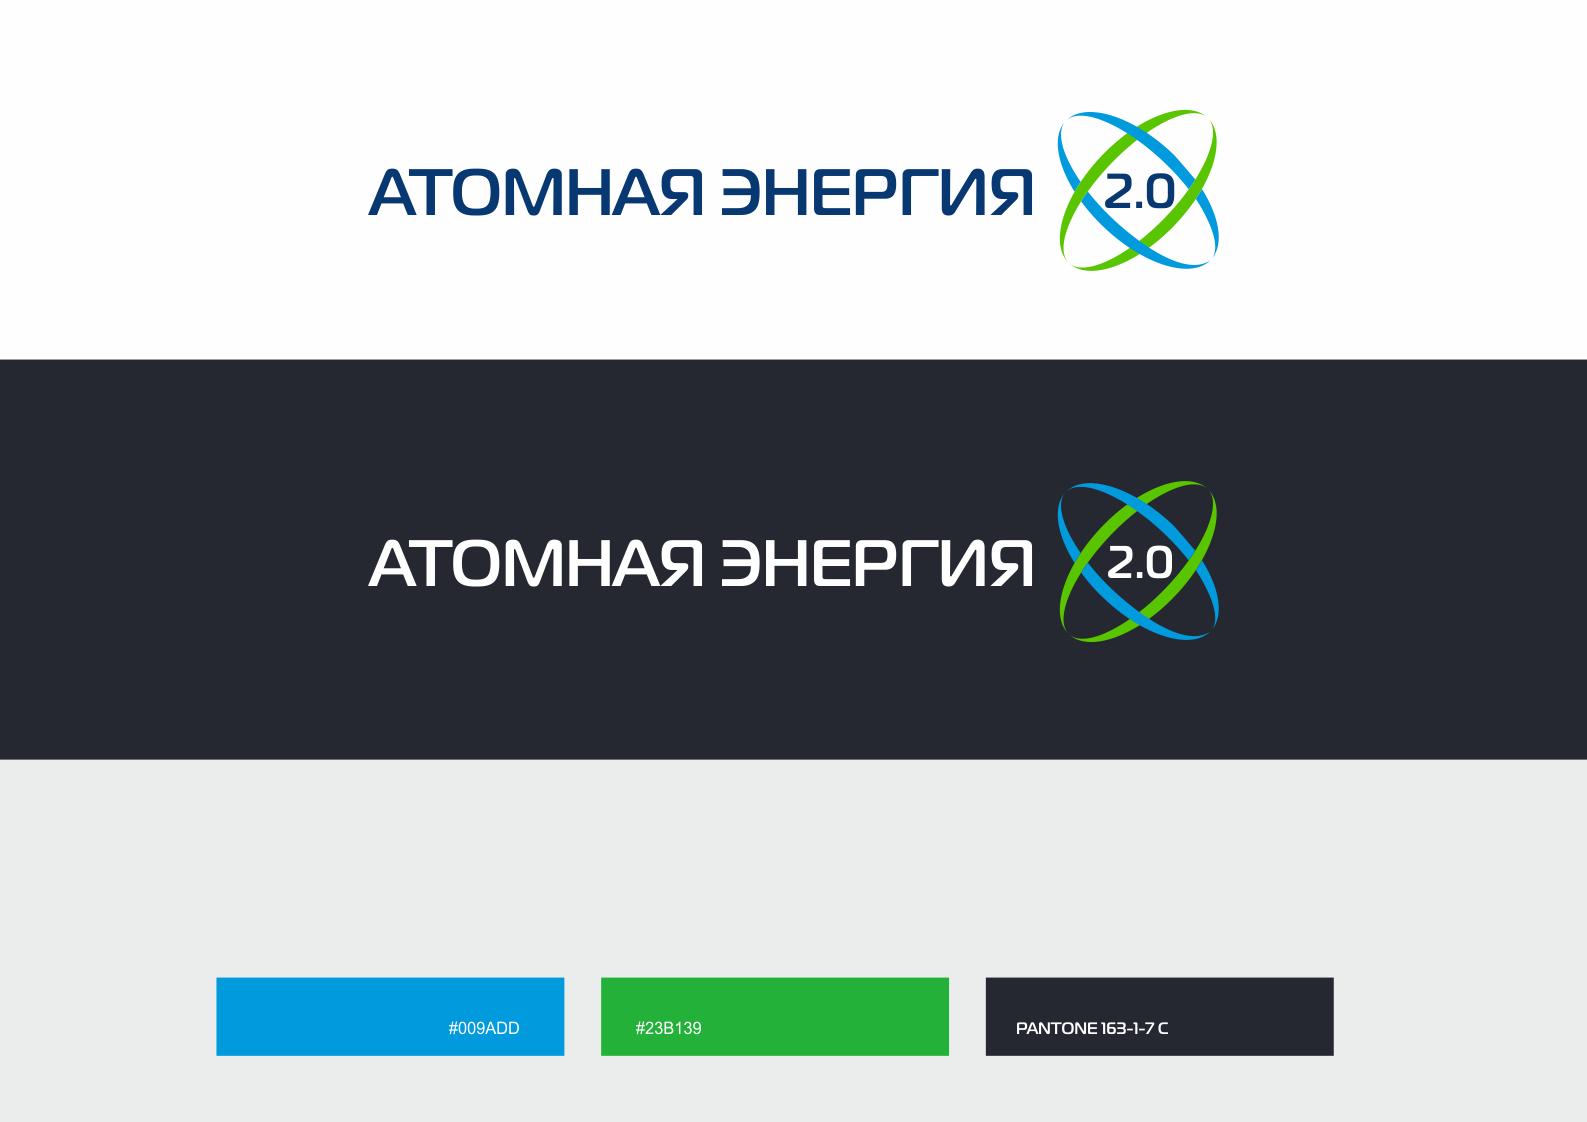 """Фирменный стиль для научного портала """"Атомная энергия 2.0"""" фото f_32359e1f4870ddec.png"""